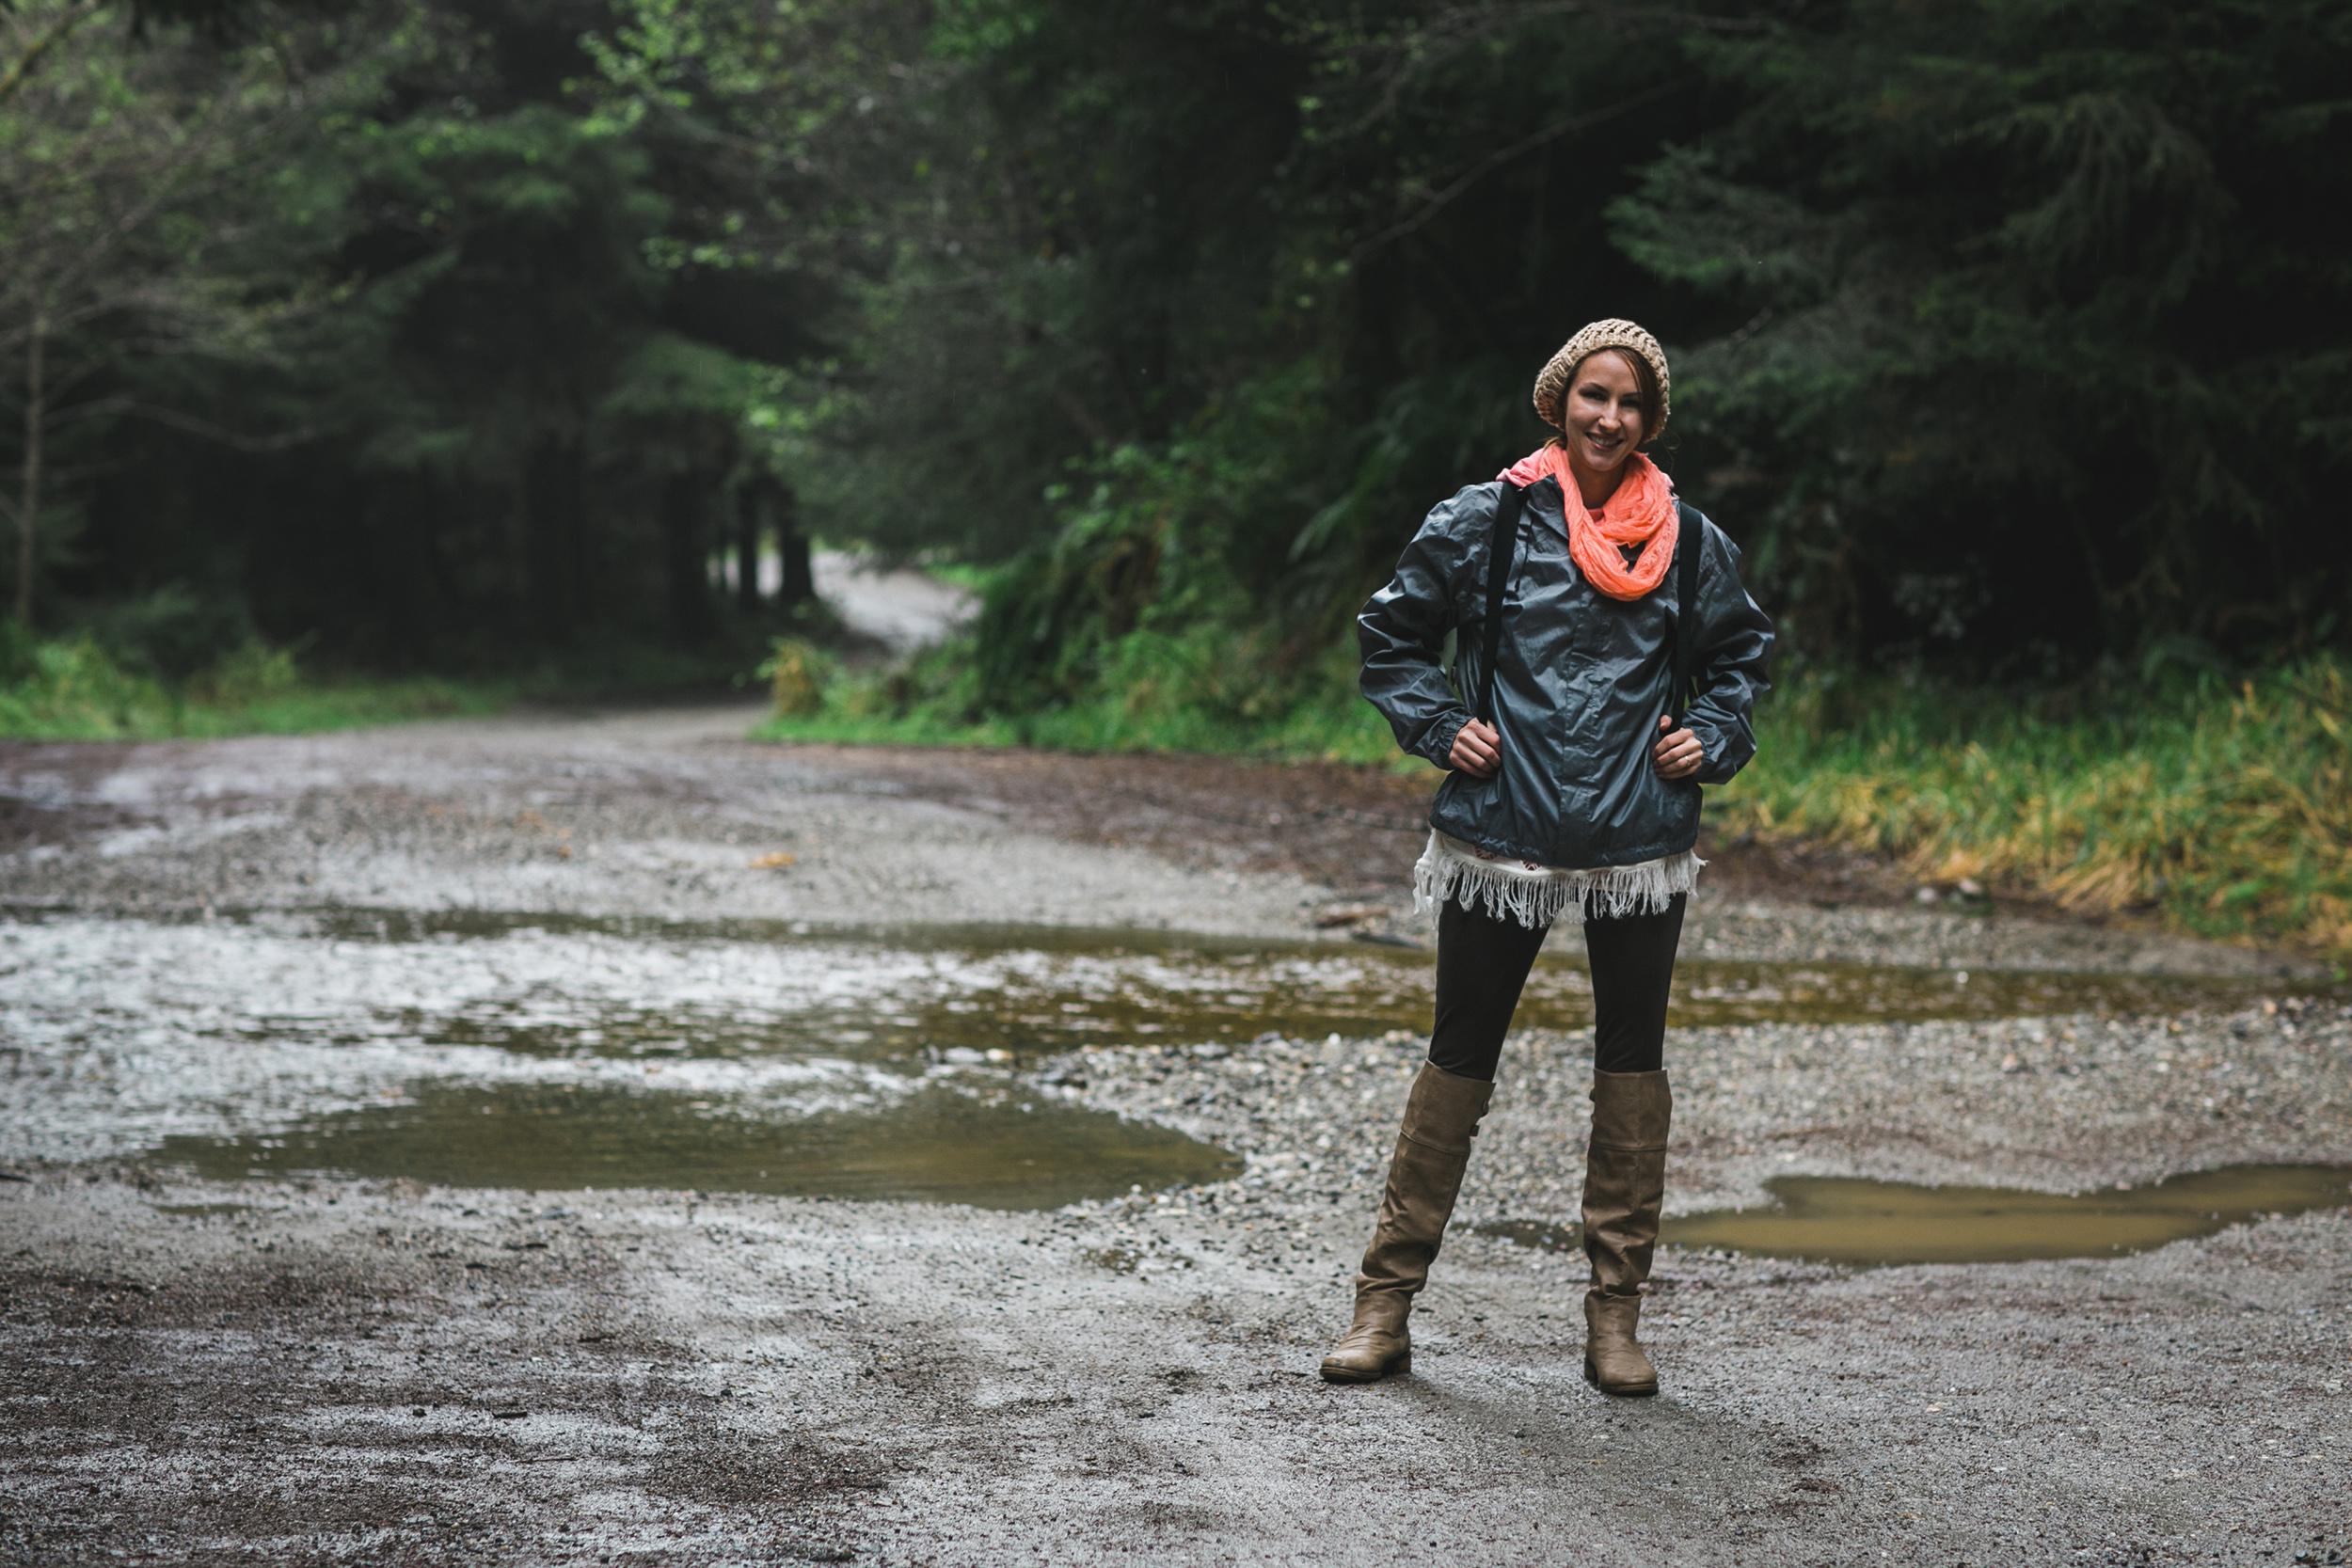 The beautiful Kristin Jordan on the Road to Fern Canyon - Orick, CA